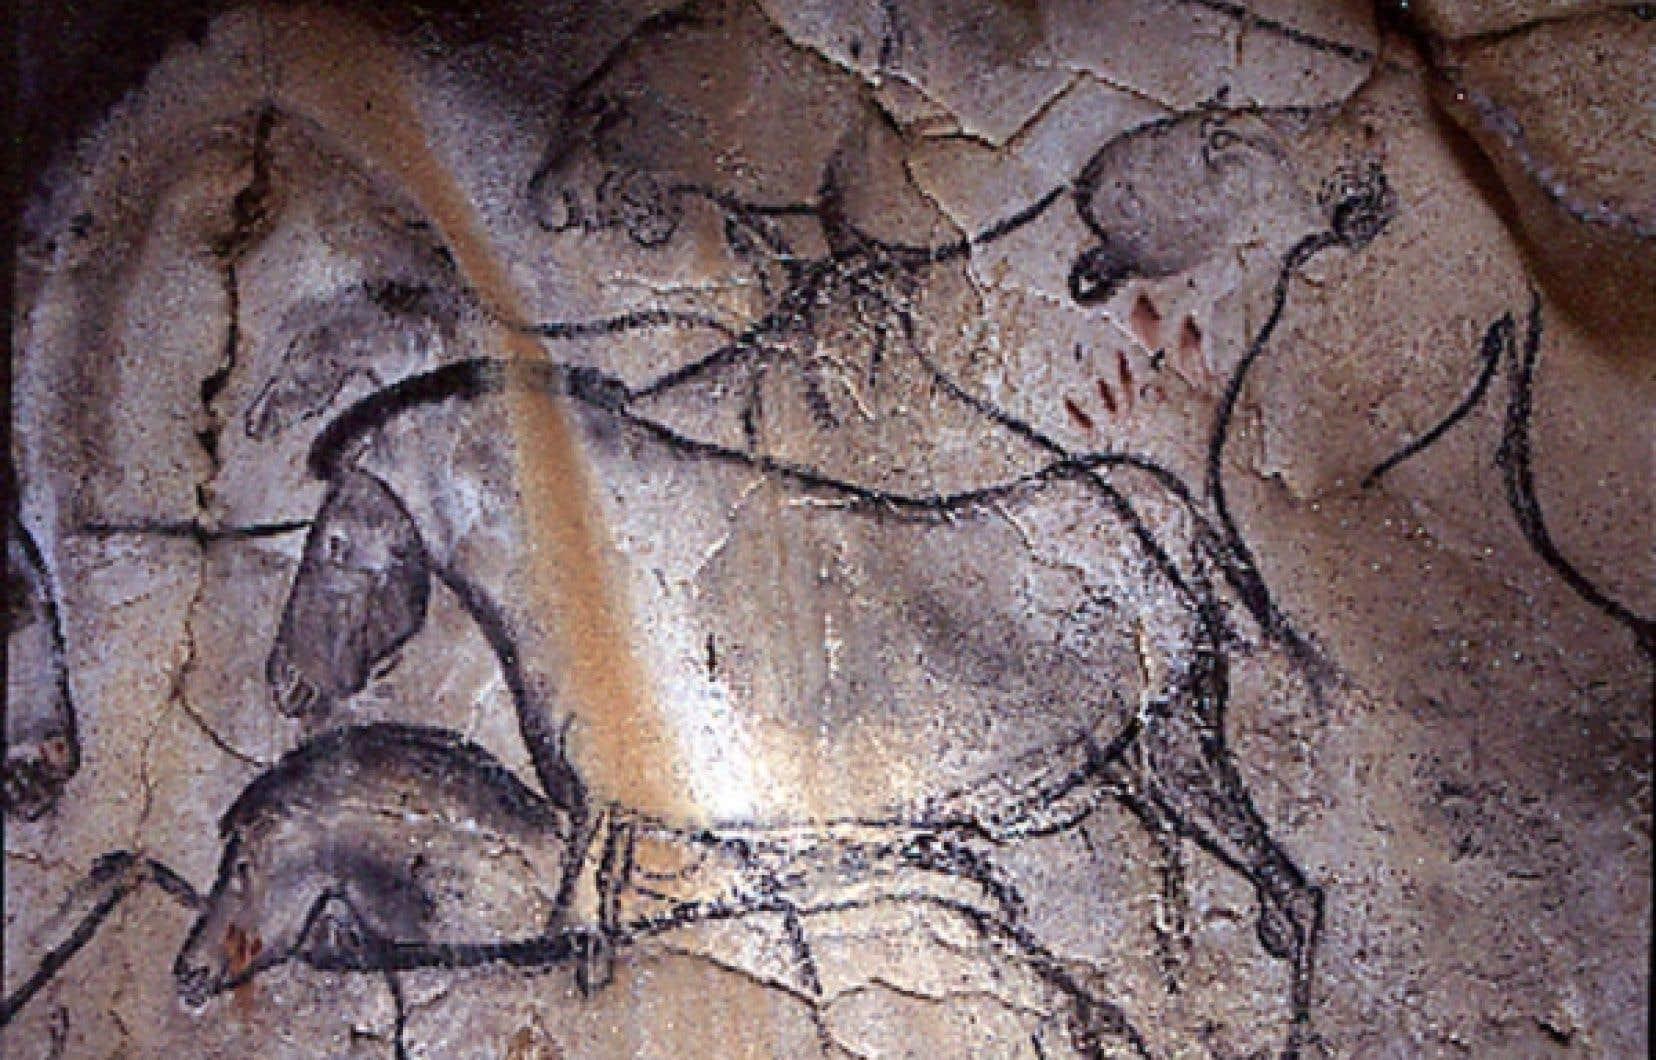 Les dessins réalisés avec du charbon de bois dans la grotte de Chauvet en Ardèche l'ont été il y a entre 30 000 et 32 000 ans, une période qui correspond au début du peuplement de la France par l'homme moderne.<br />